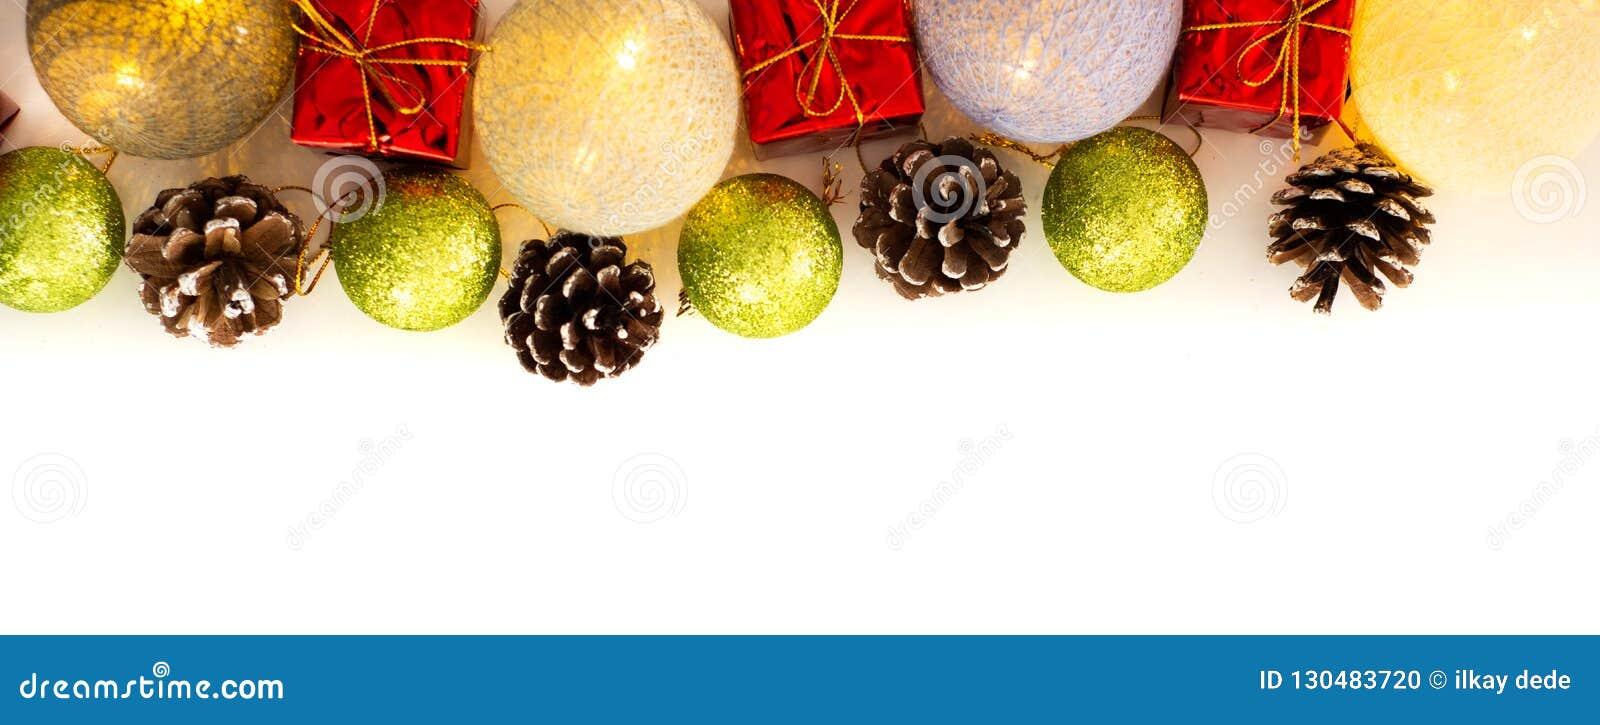 Arranjo do Natal com galhos do pinho, cones